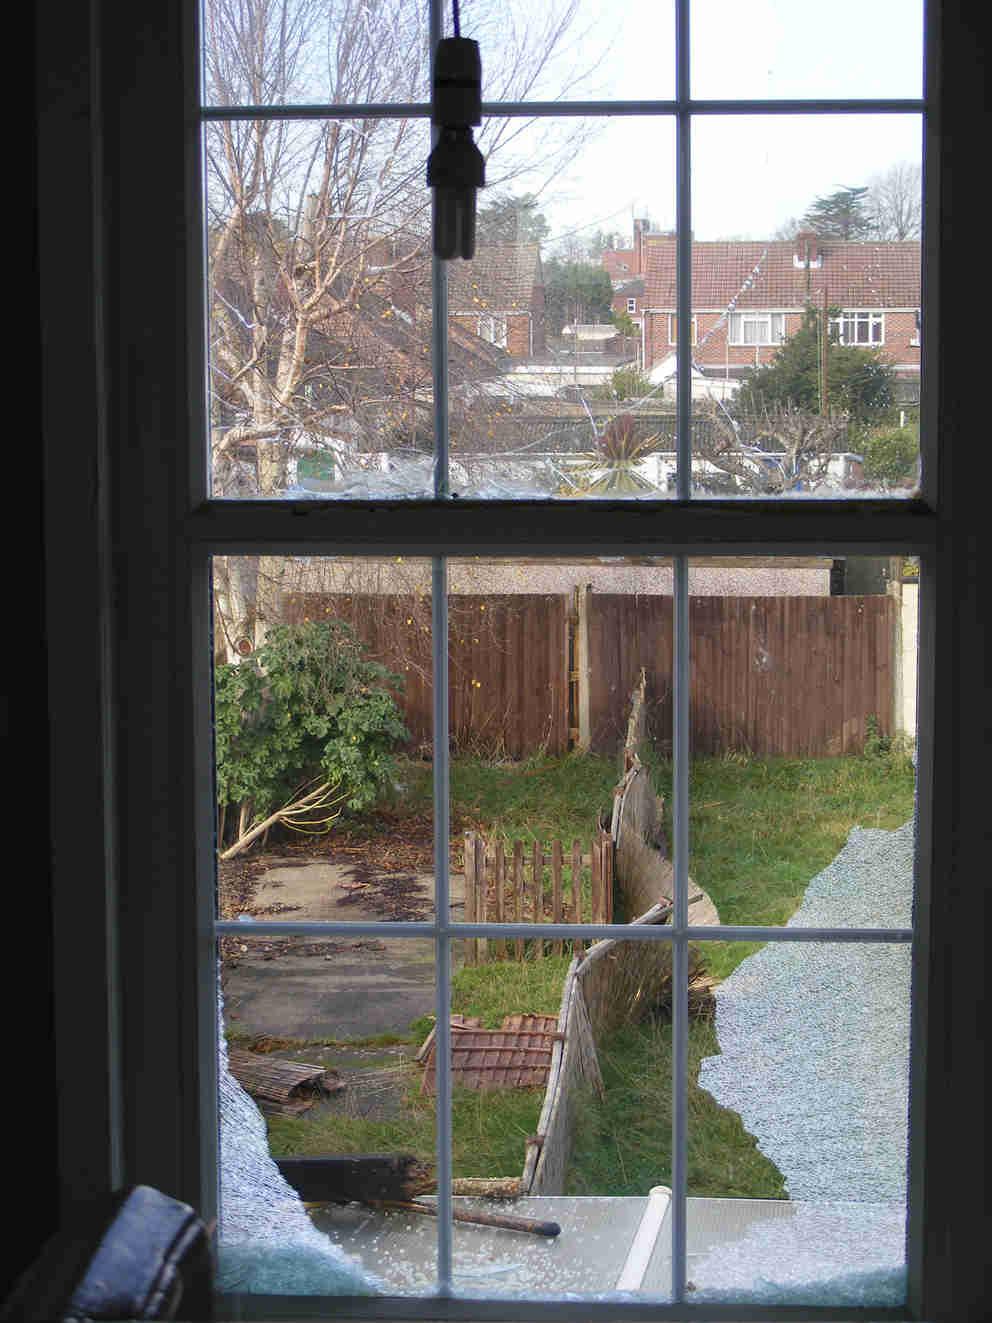 Broken pub window